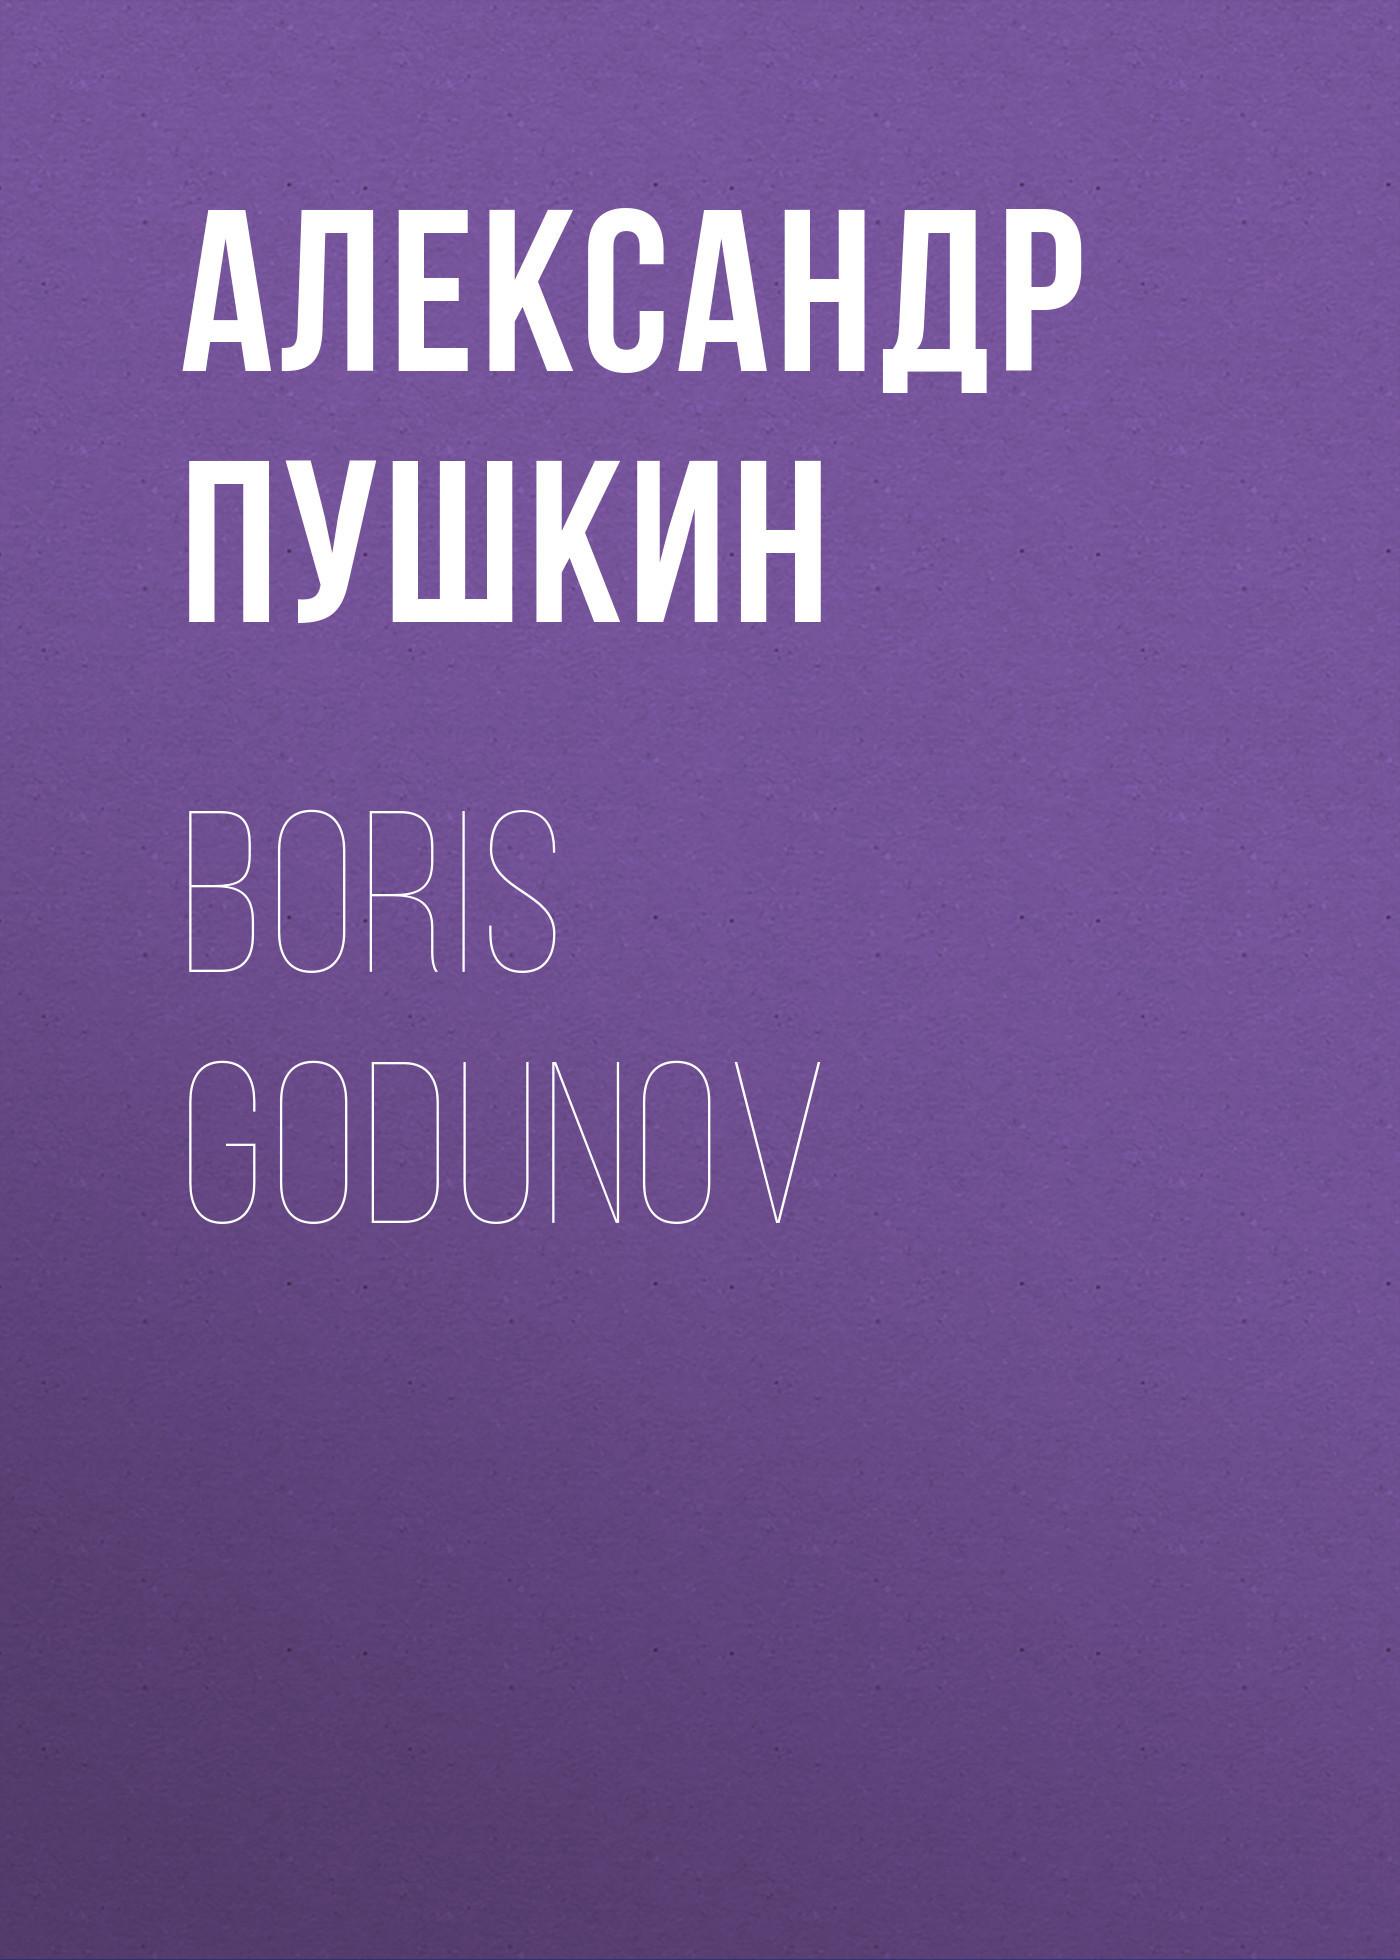 Александр Пушкин Boris Godunov